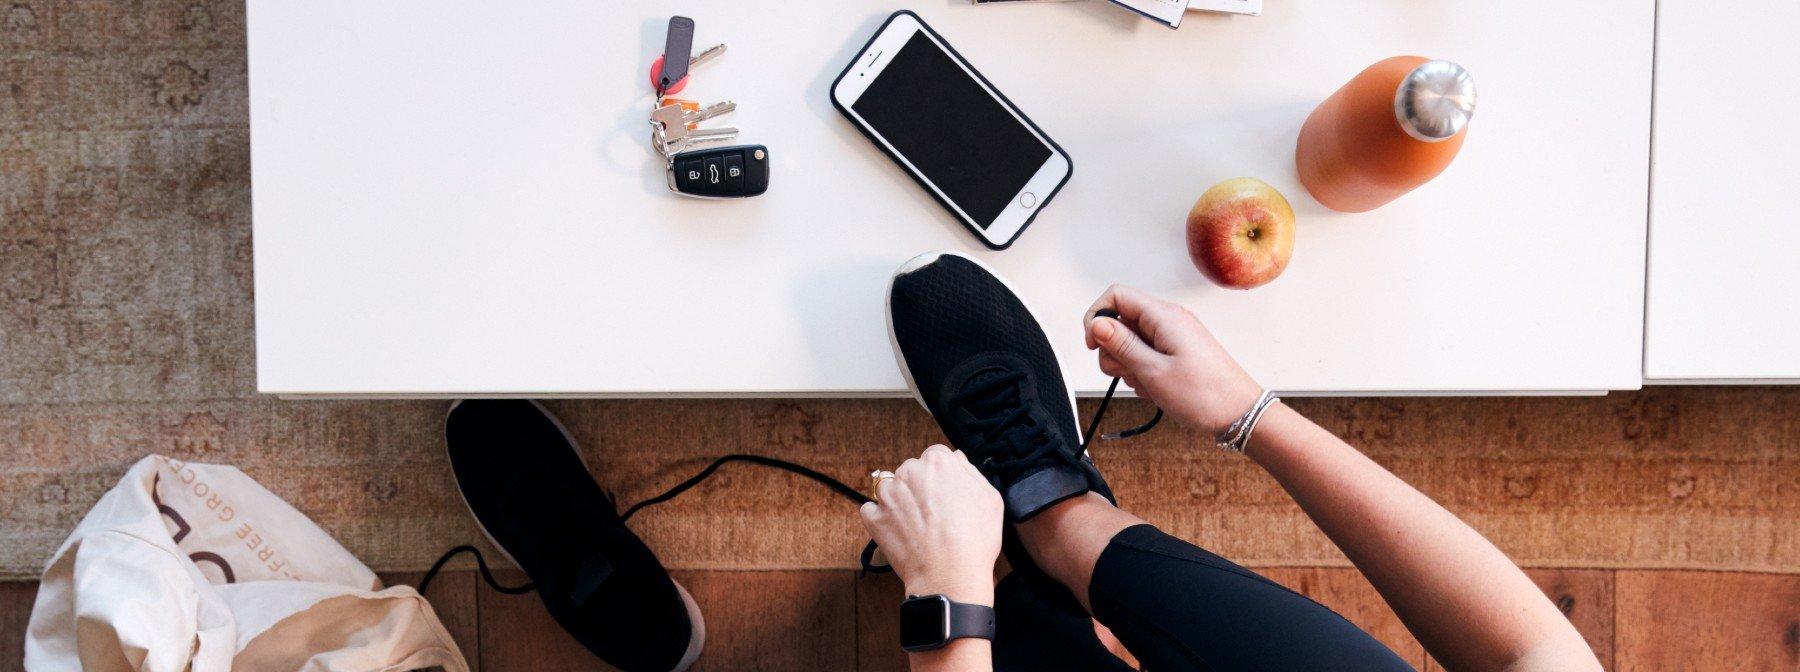 Gelangweilt? Hier sind 6 Dinge, die du tun kannst, anstatt auf dein Smartphone zu starren